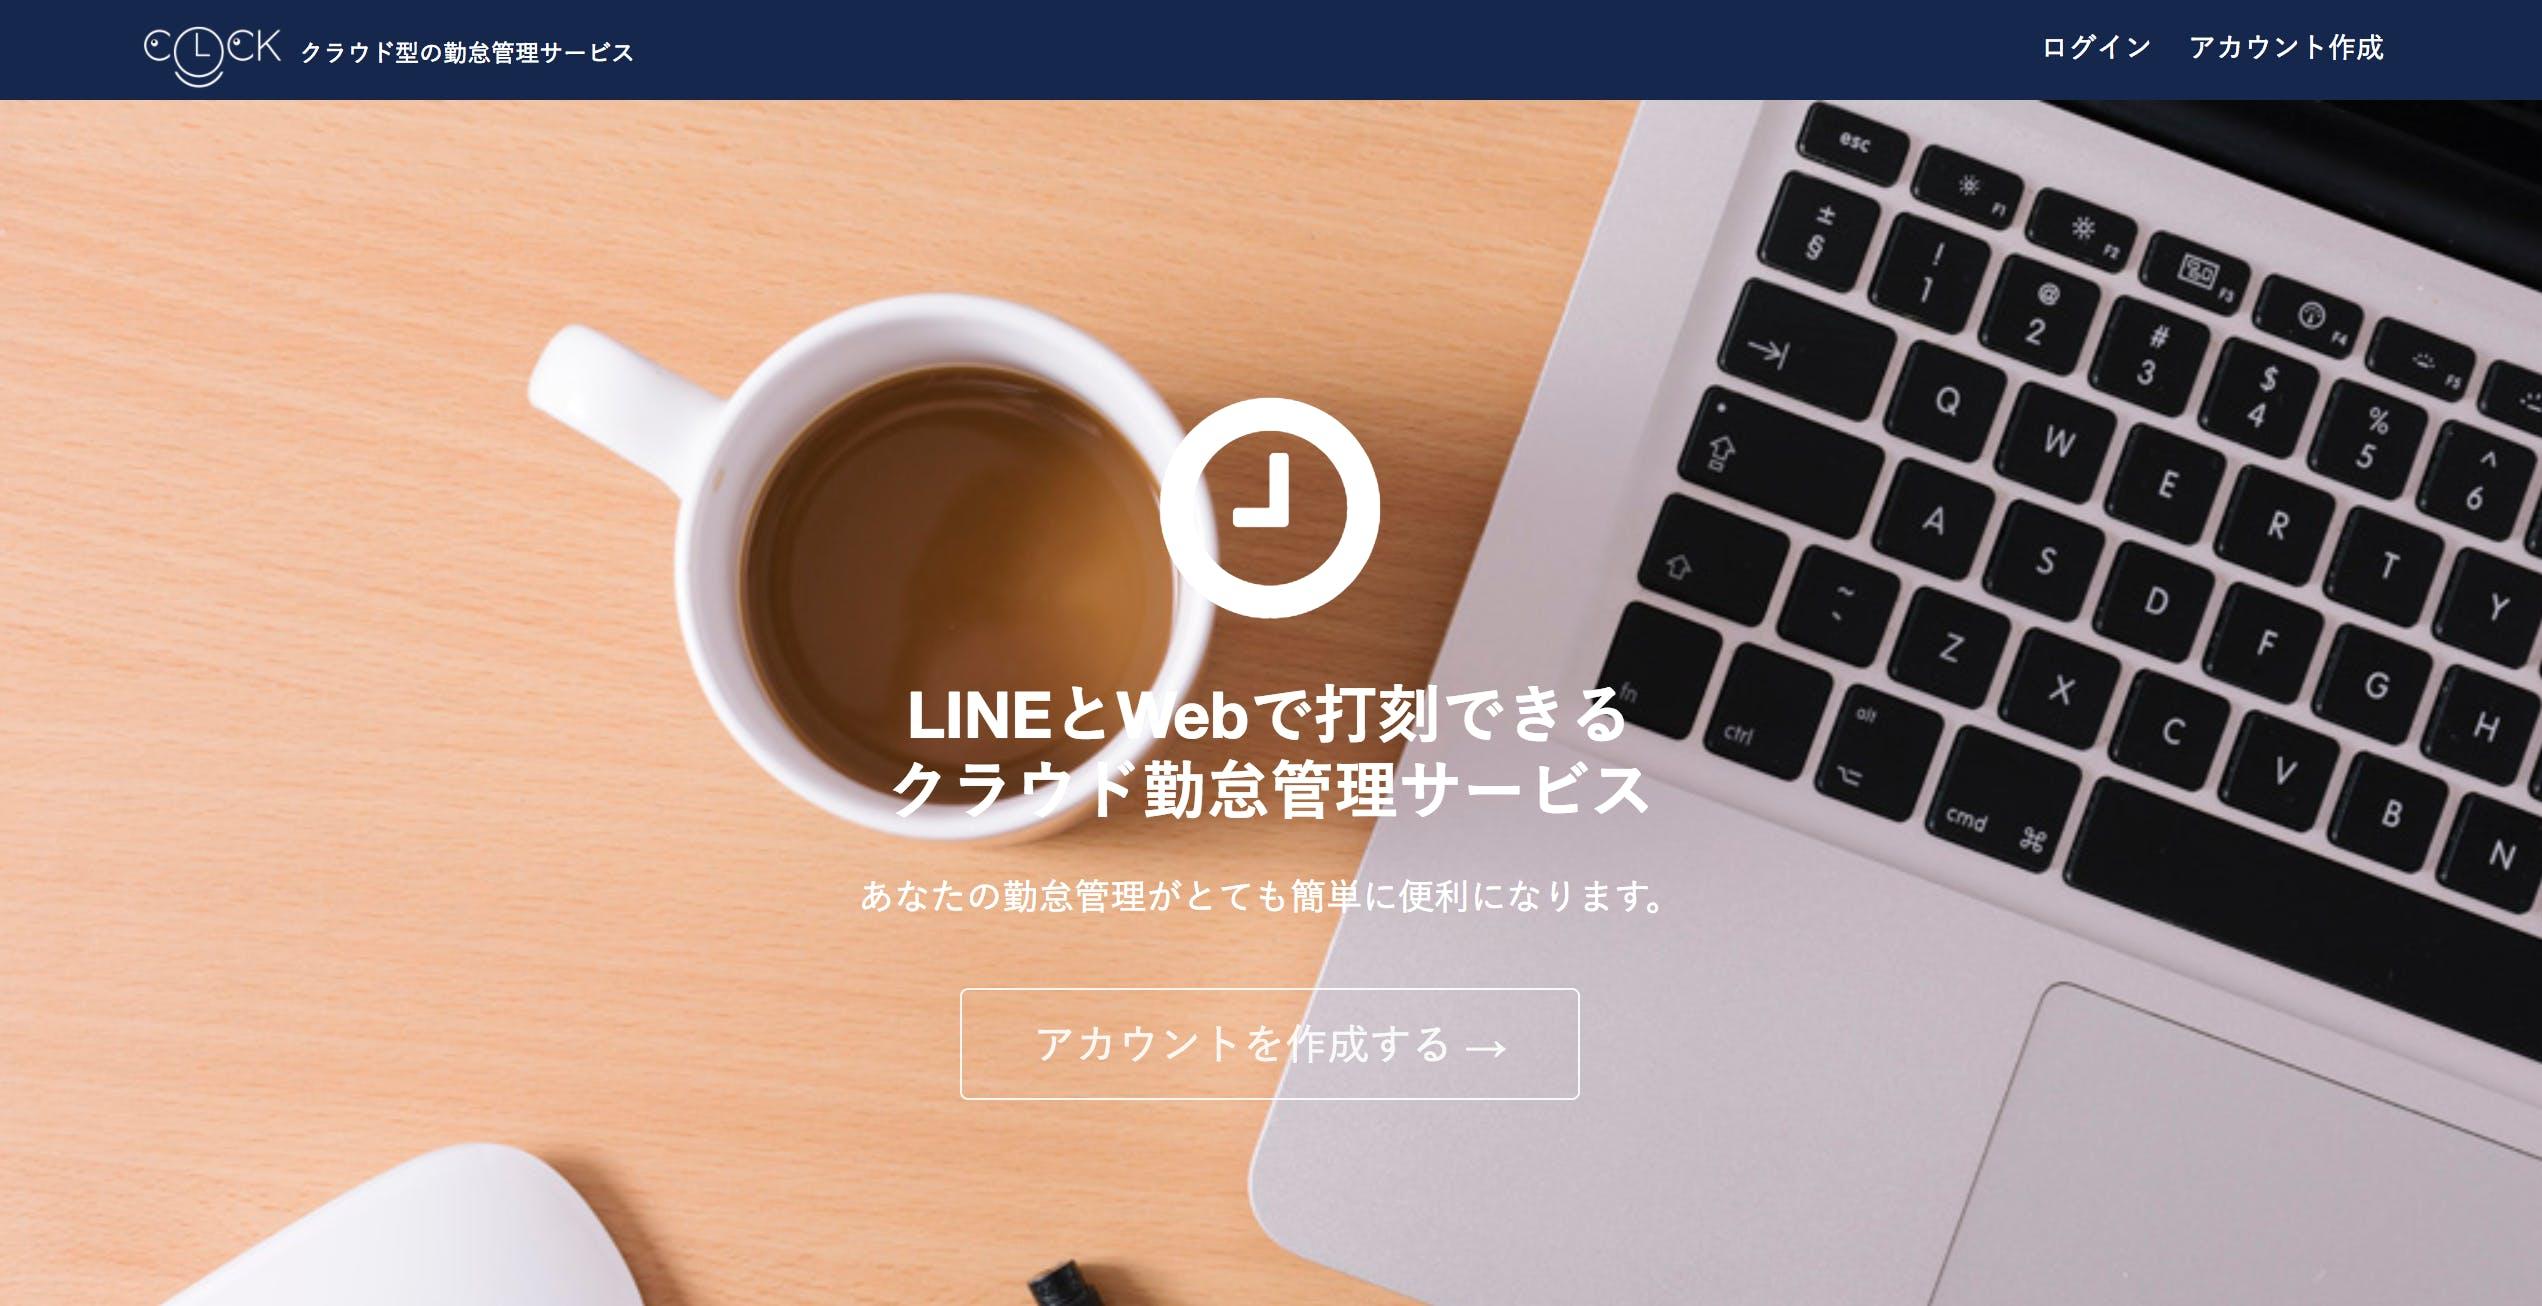 スクリーンショット 2018-02-08 8.50.28.png